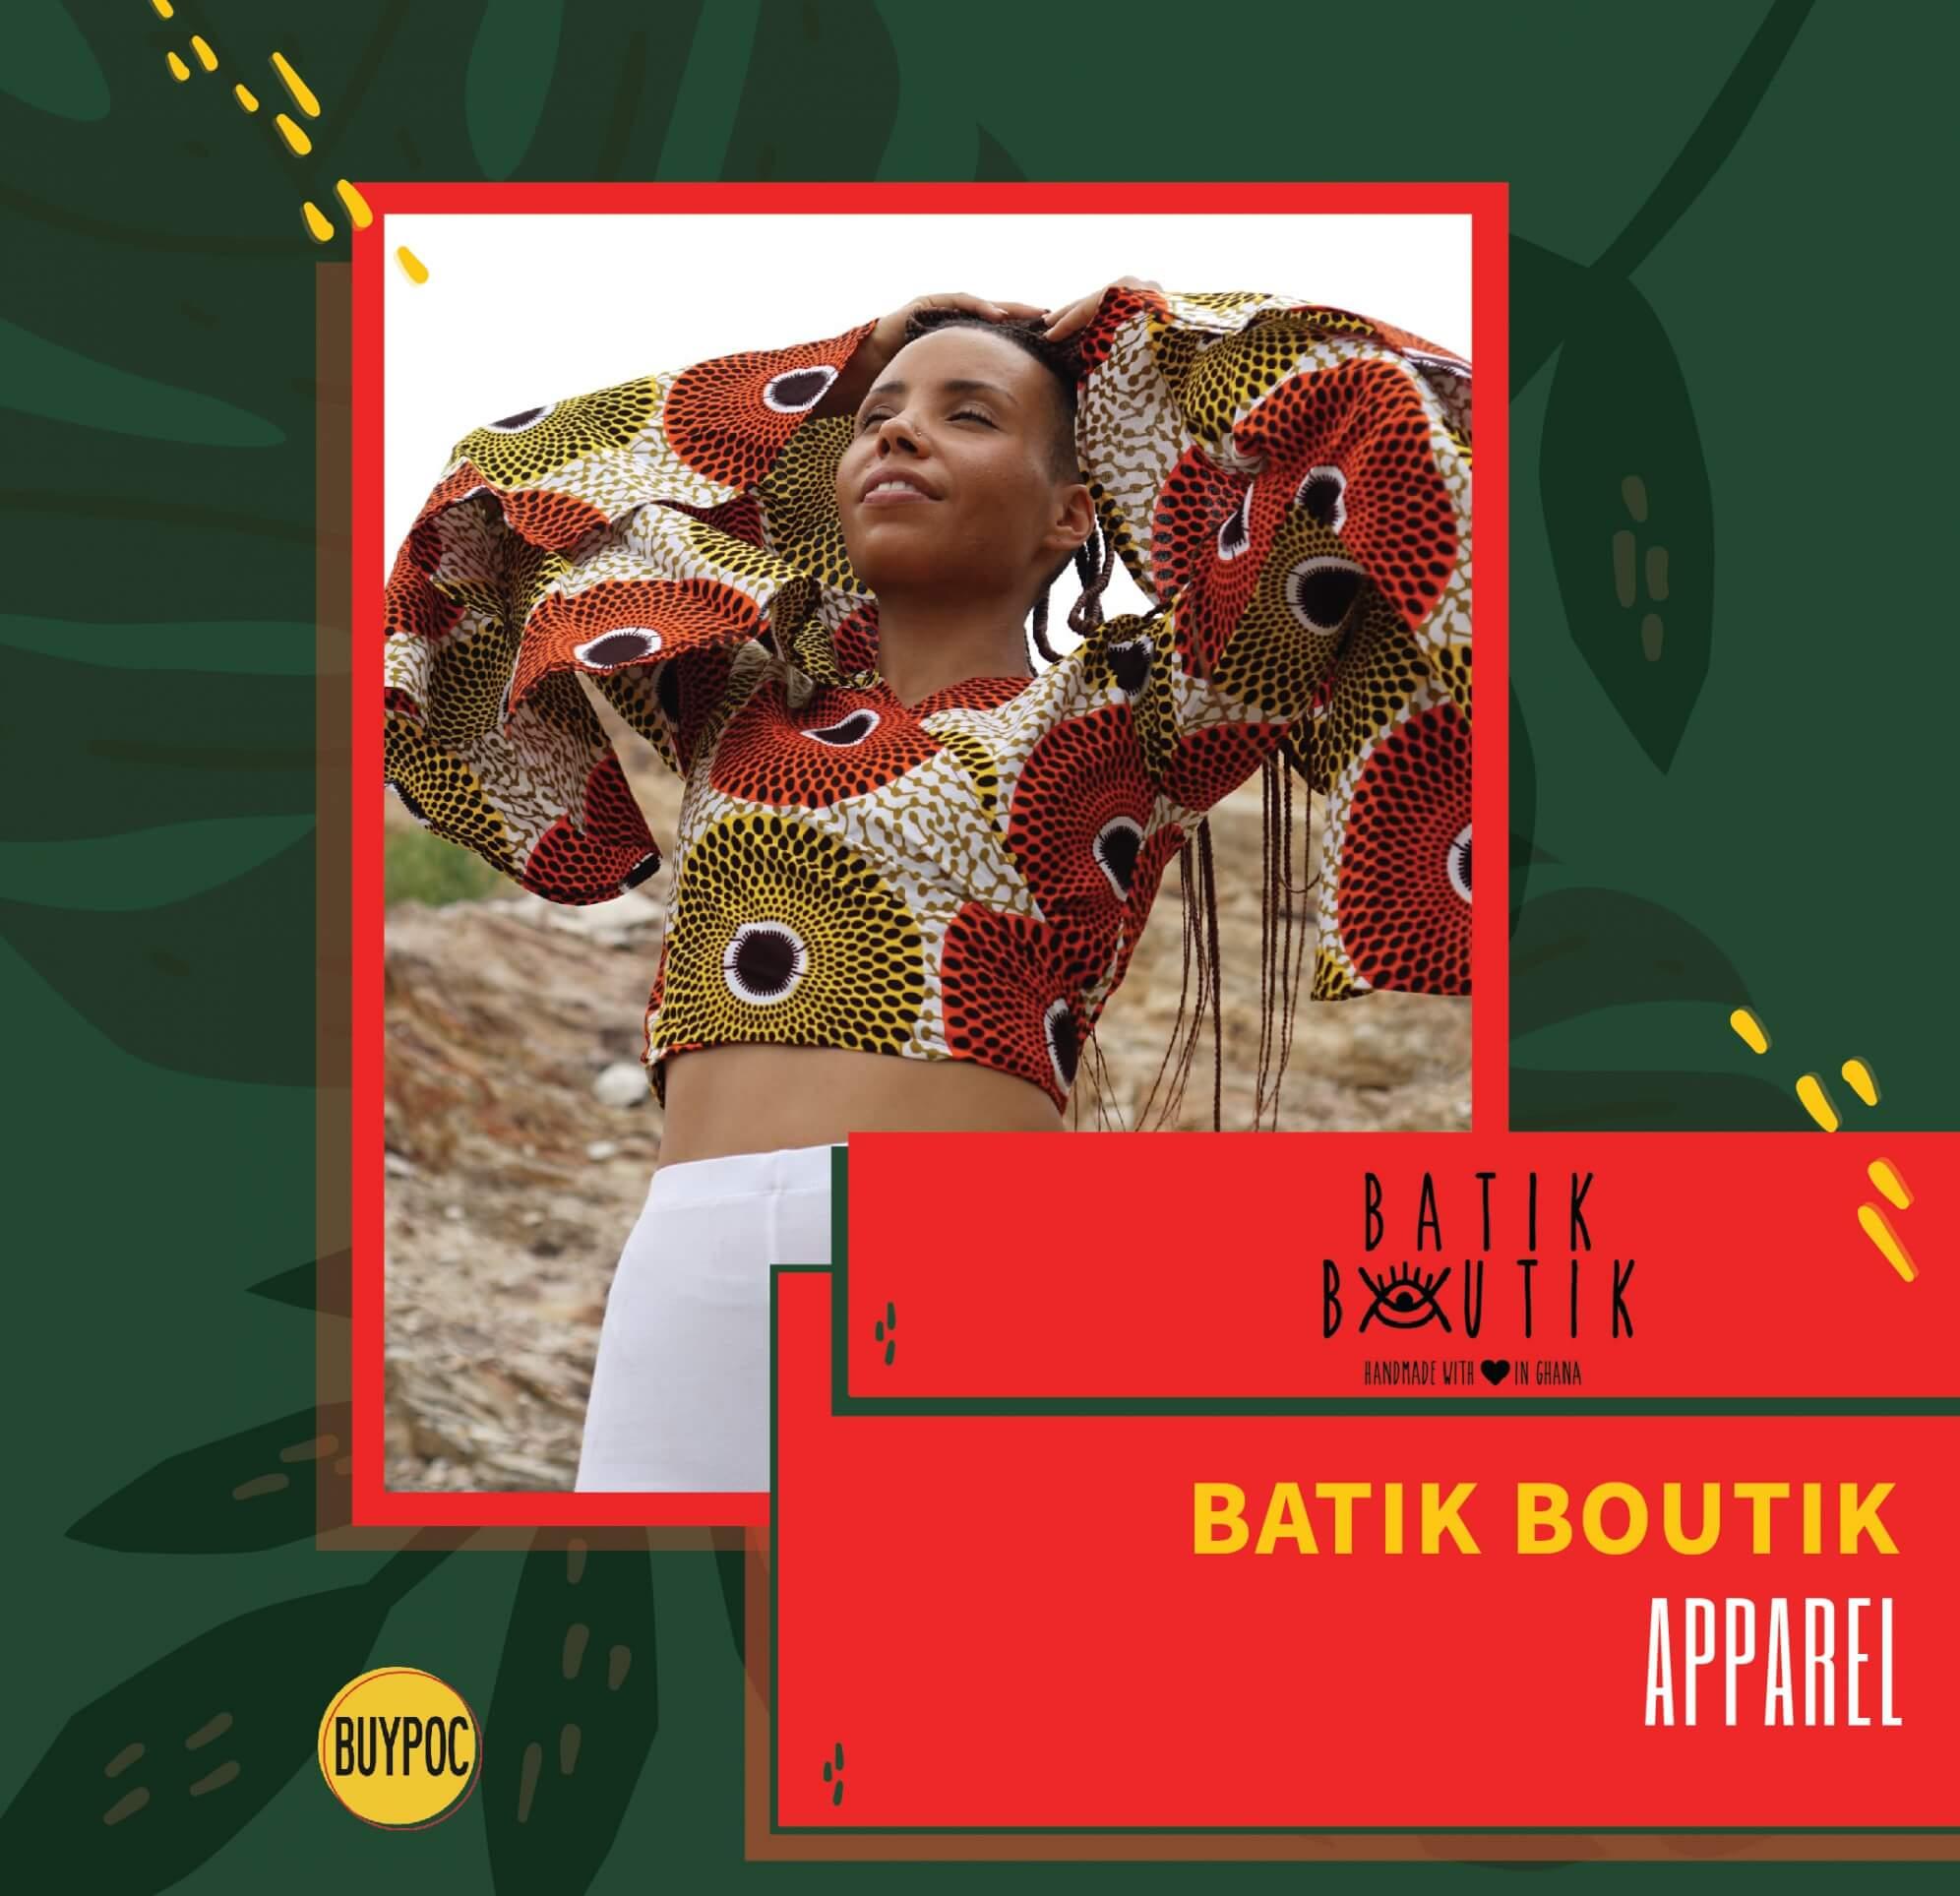 Batik Boutik